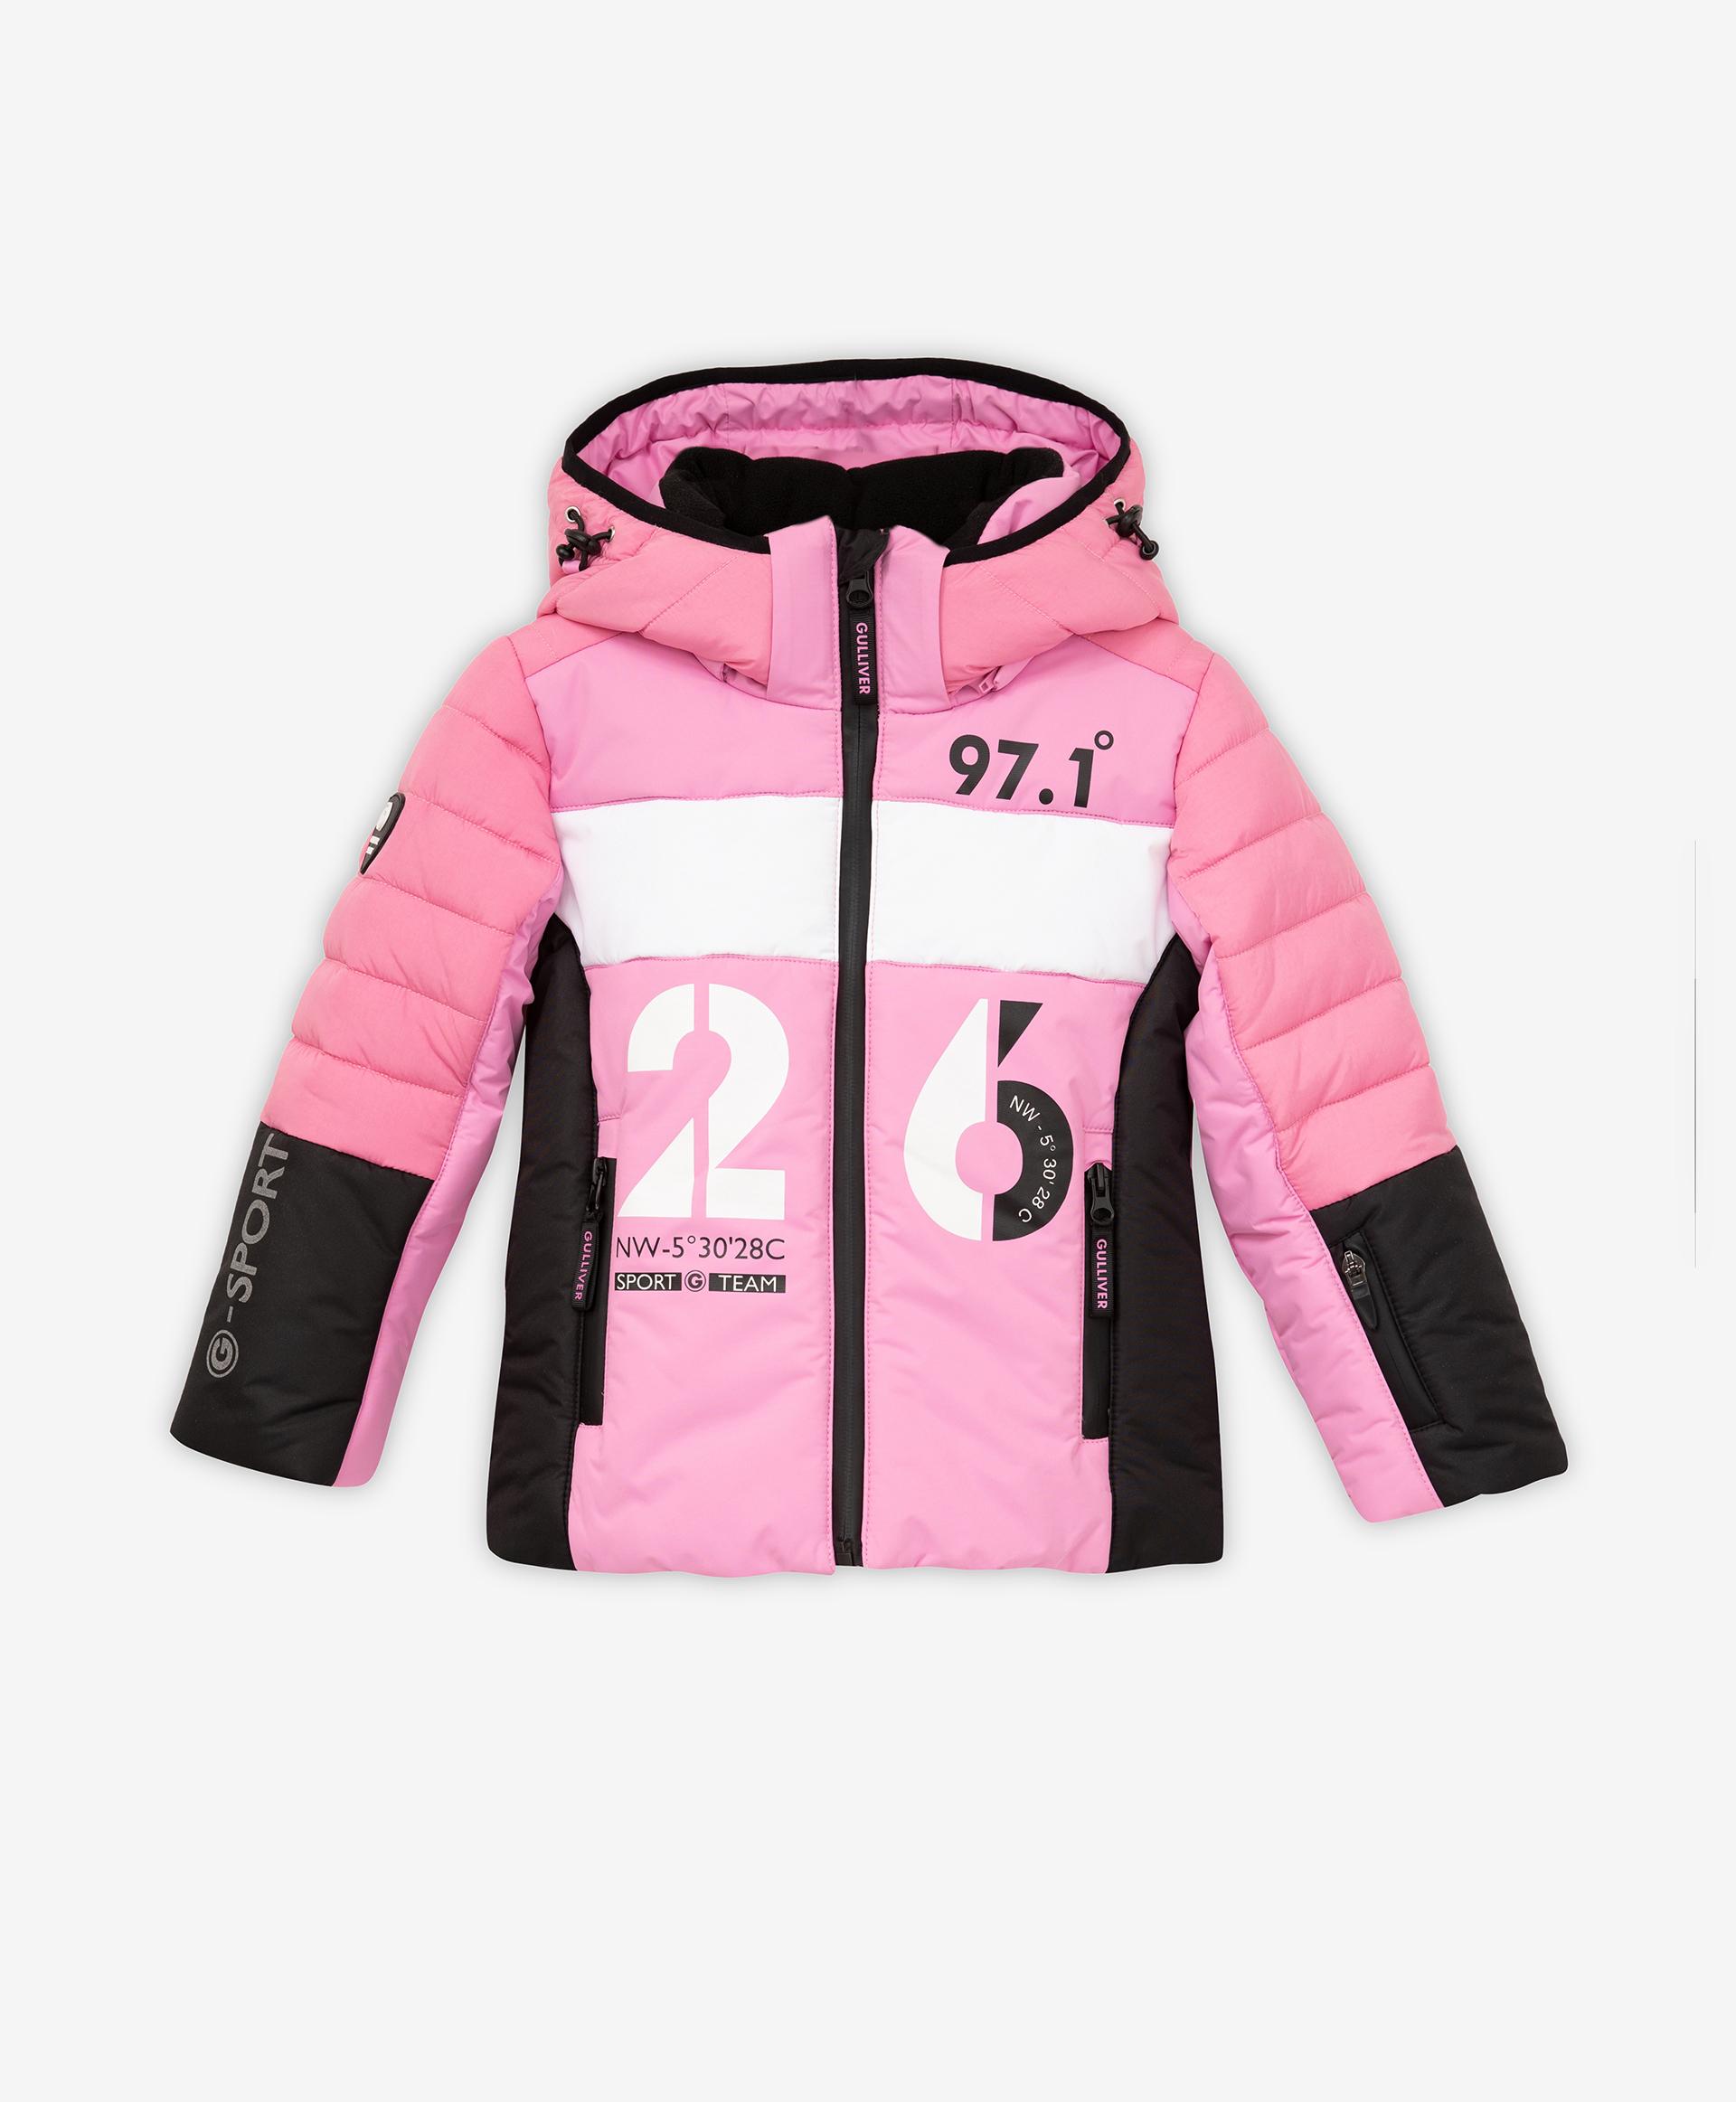 Купить 220FGC4104, Куртка зимняя с капюшоном Gulliver, розовый, Полиэстер, Женский, Зима, ОСЕНЬ/ЗИМА 2021-2022 (shop: GulliverMarket Gulliver Market)